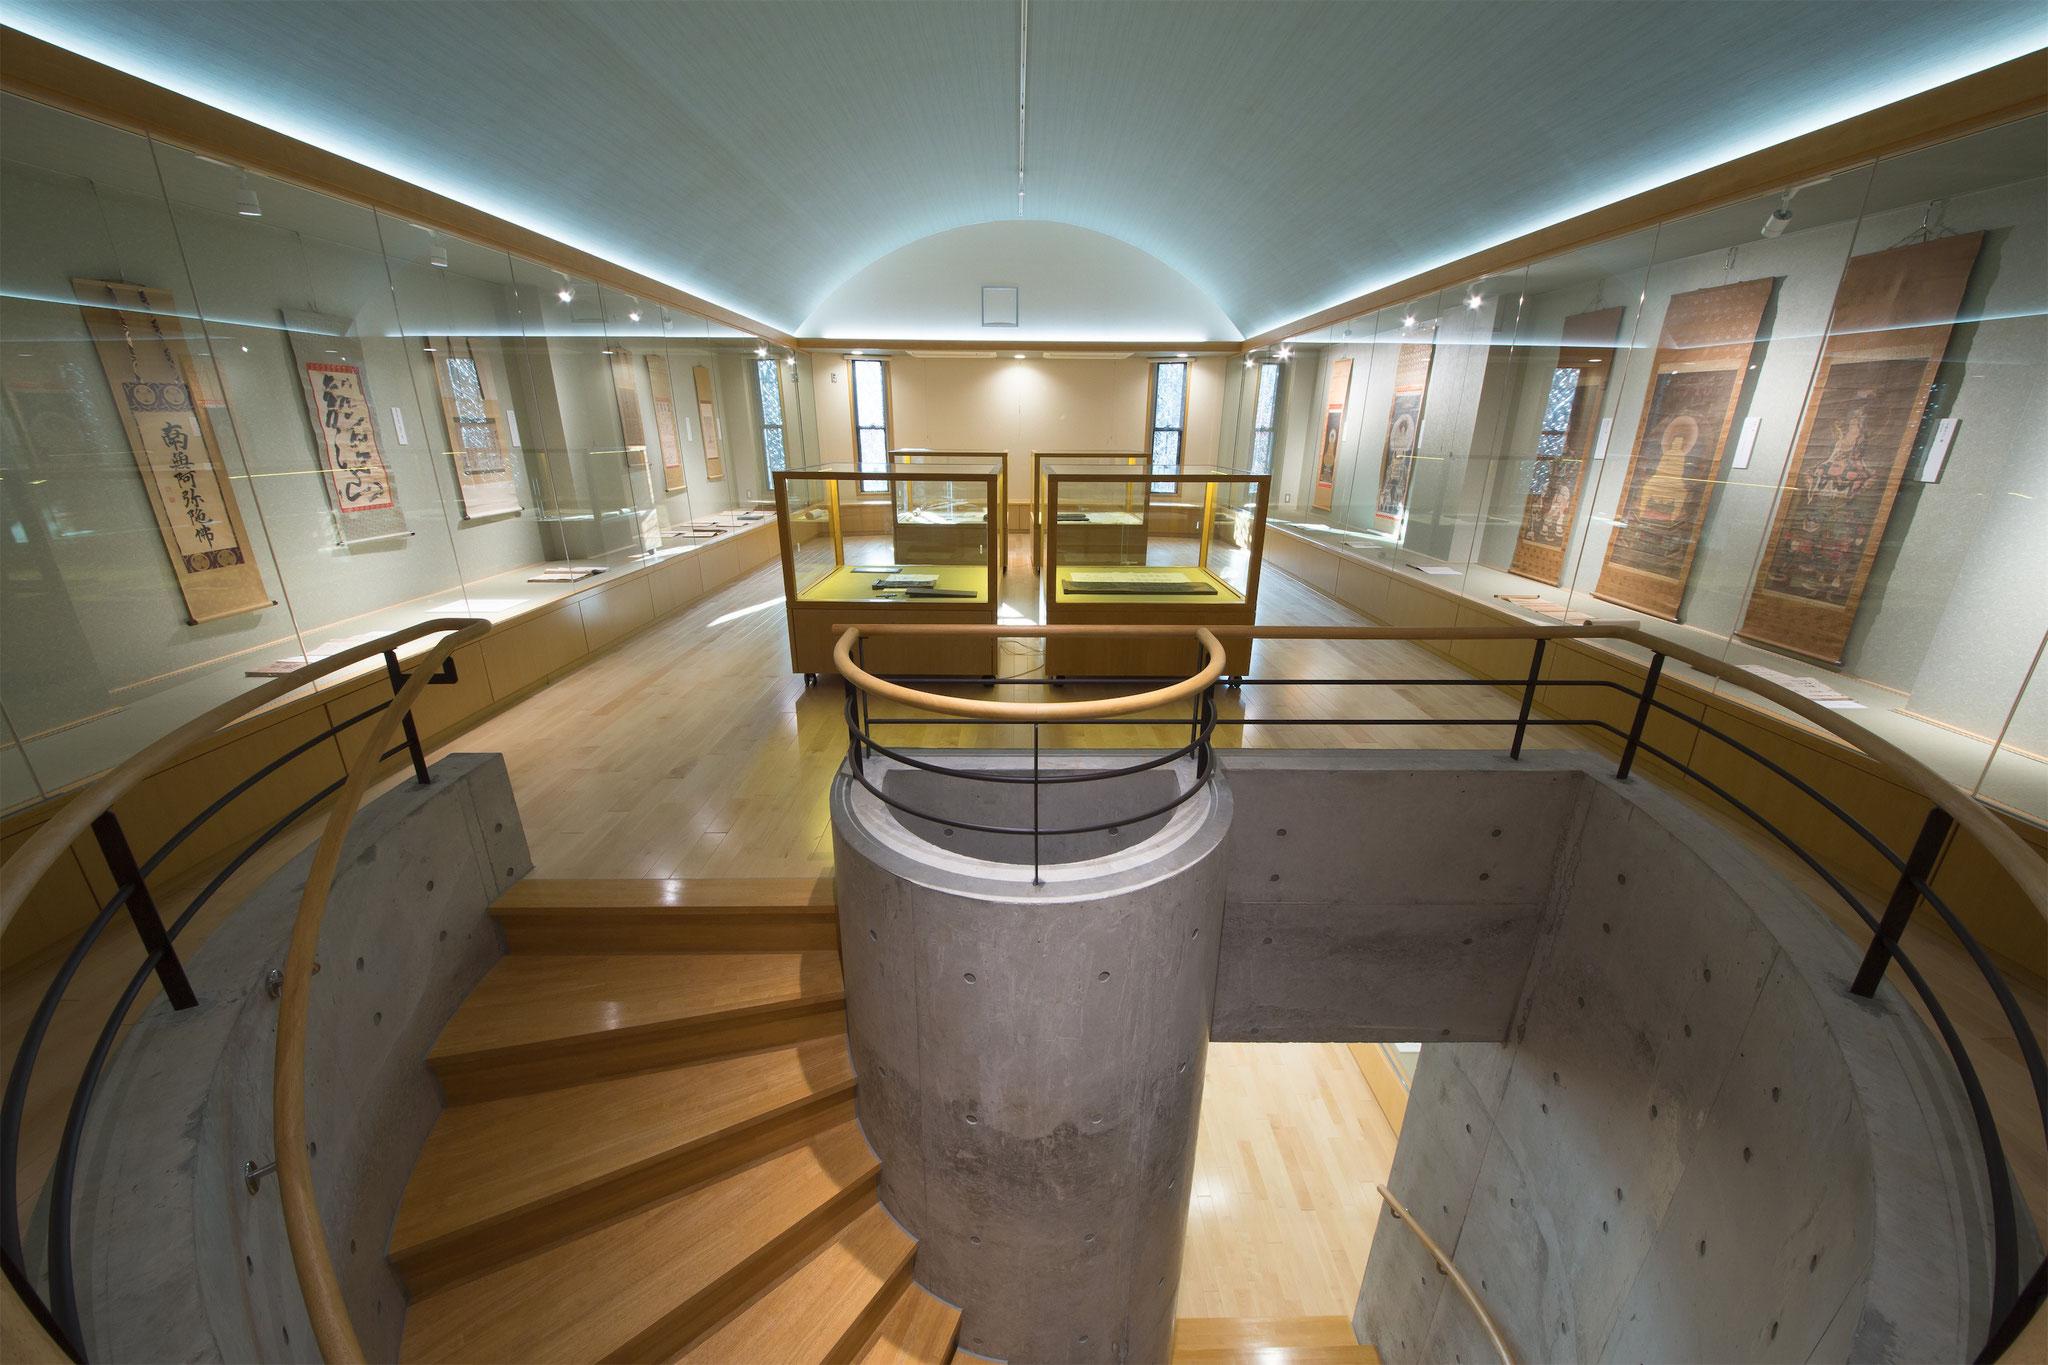 階段室 Photo by BDM